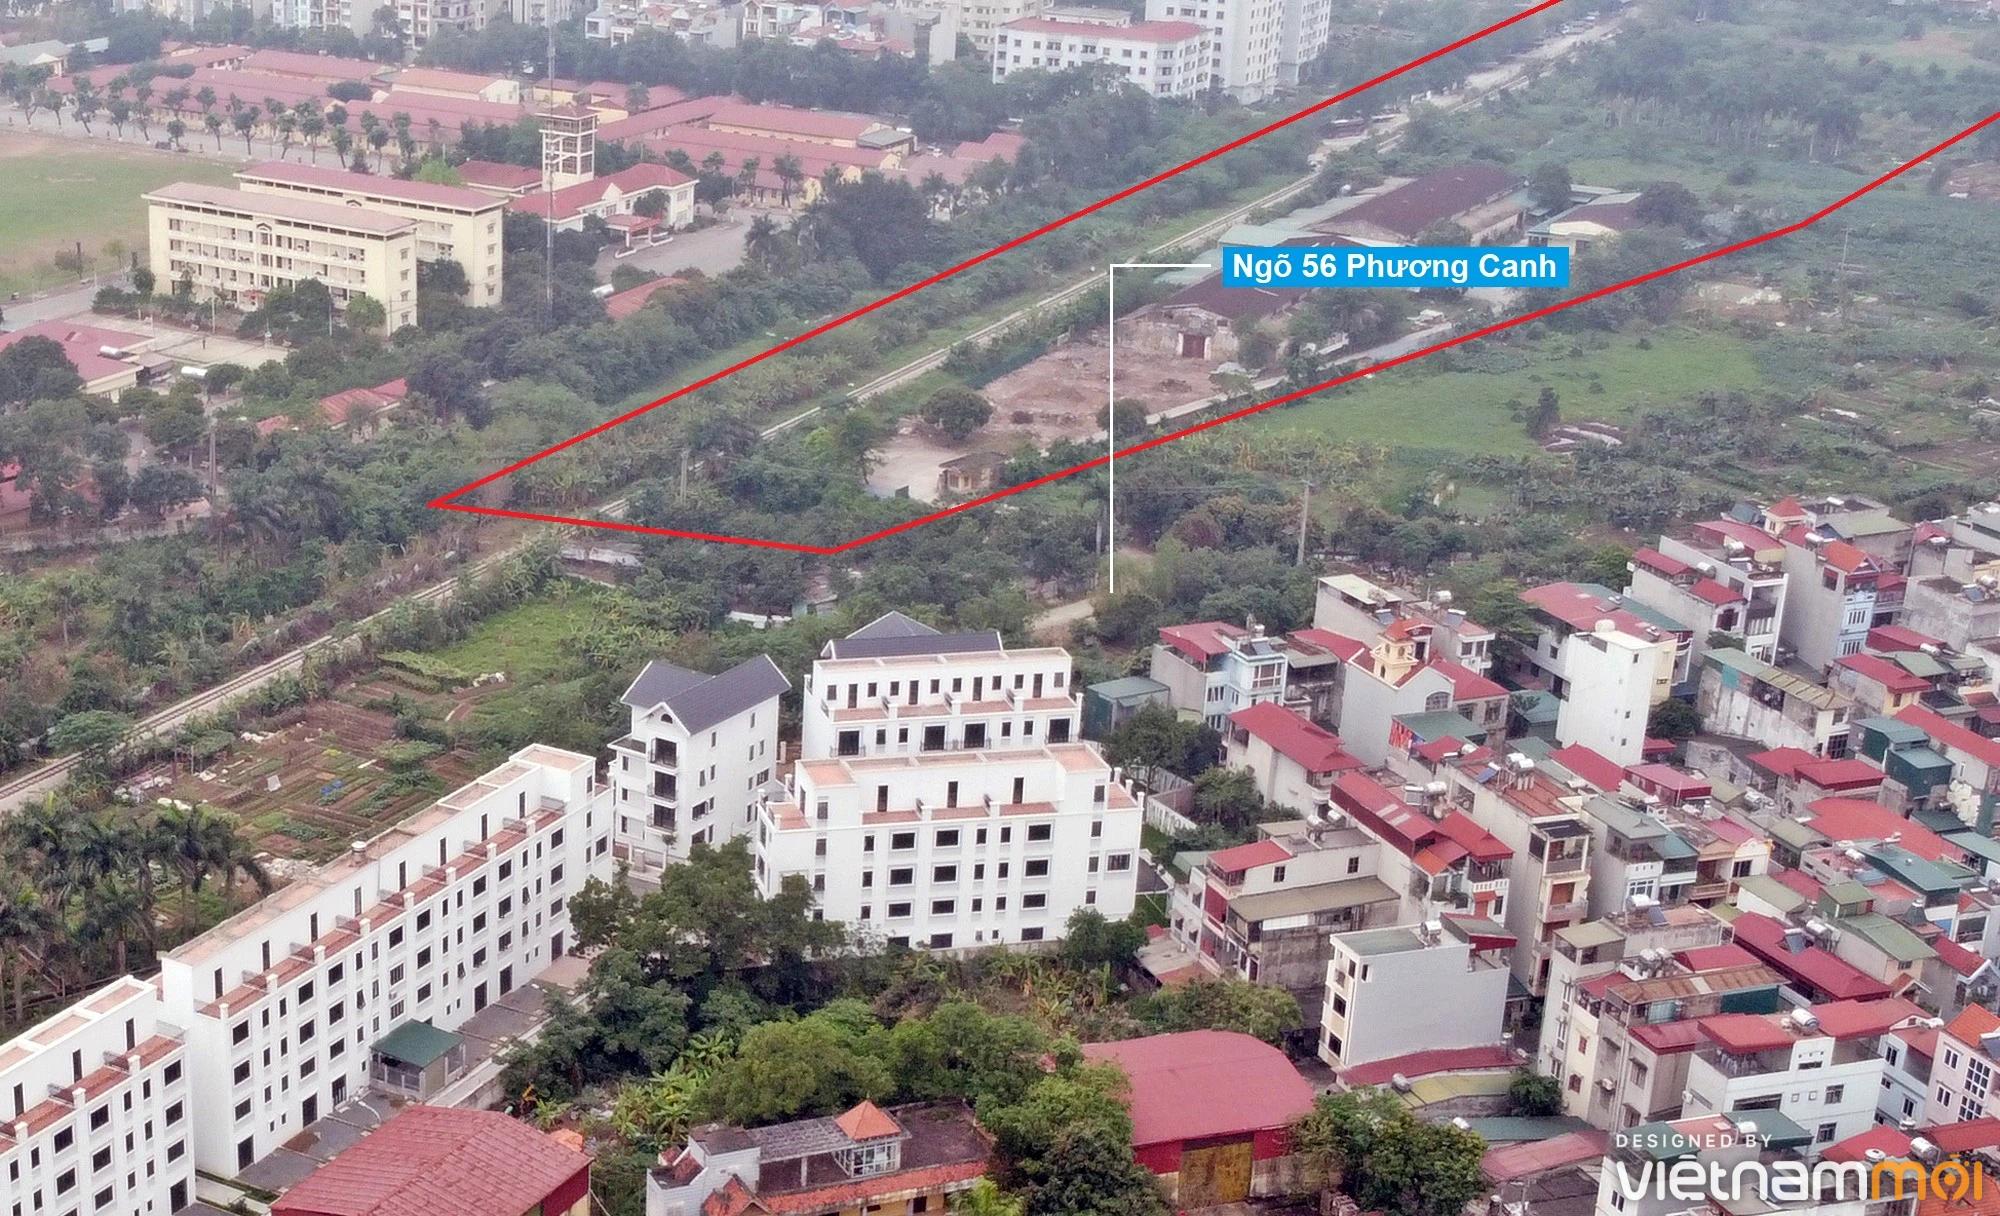 Những khu đất sắp thu hồi để mở đường ở phường Phúc Diễn, Bắc Từ Liêm, Hà Nội - Ảnh 11.